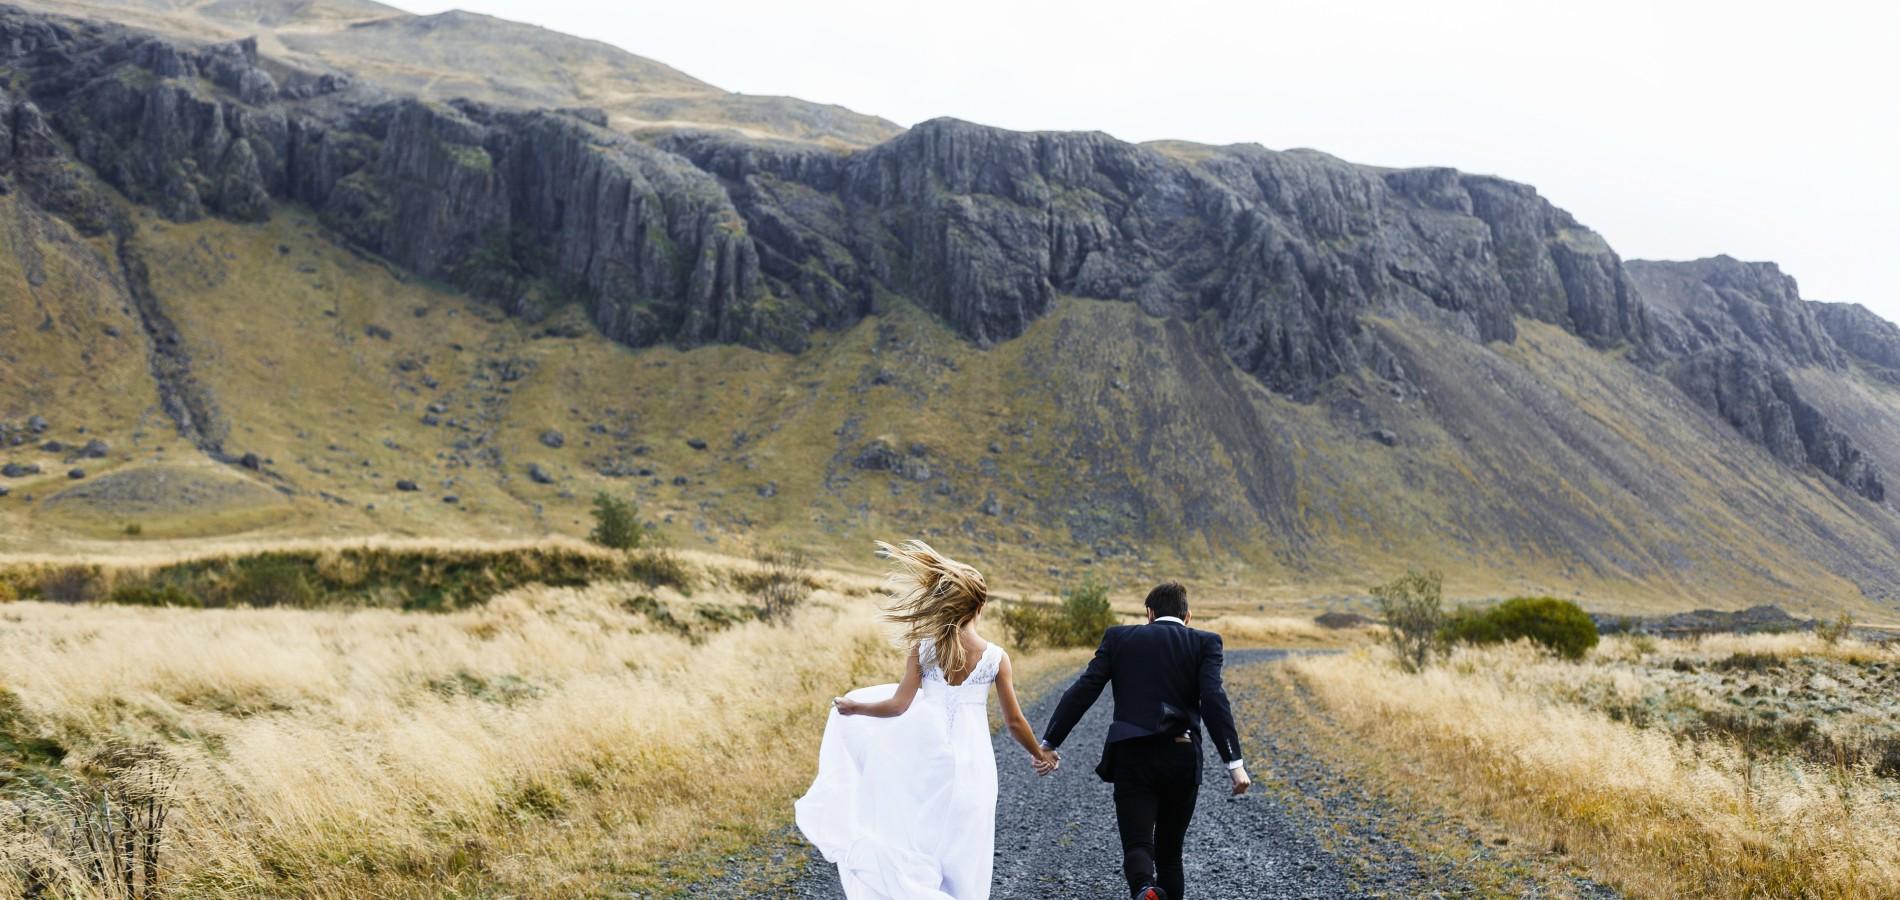 datation et les coutumes du mariage au Mexique